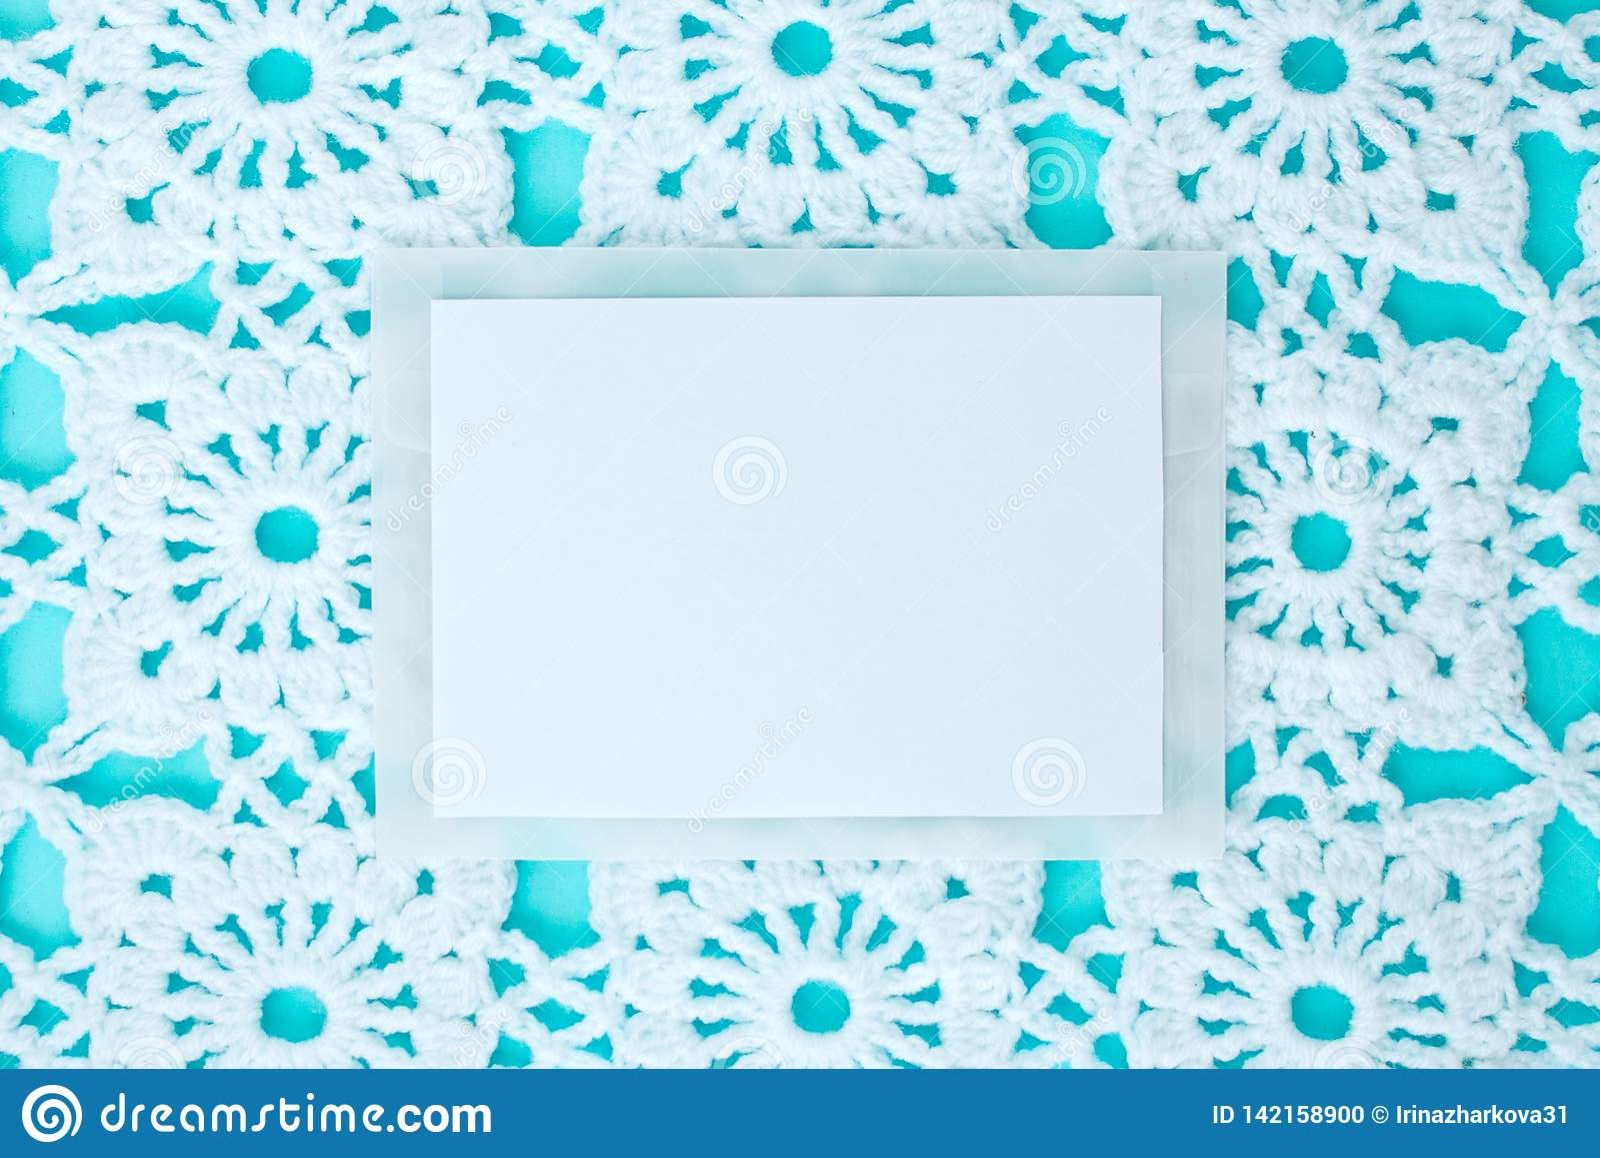 Liso, colocado, uma folha de papel para o texto em um fundo azul com laço branco feito crochê do vintage, tema do inverno, orname